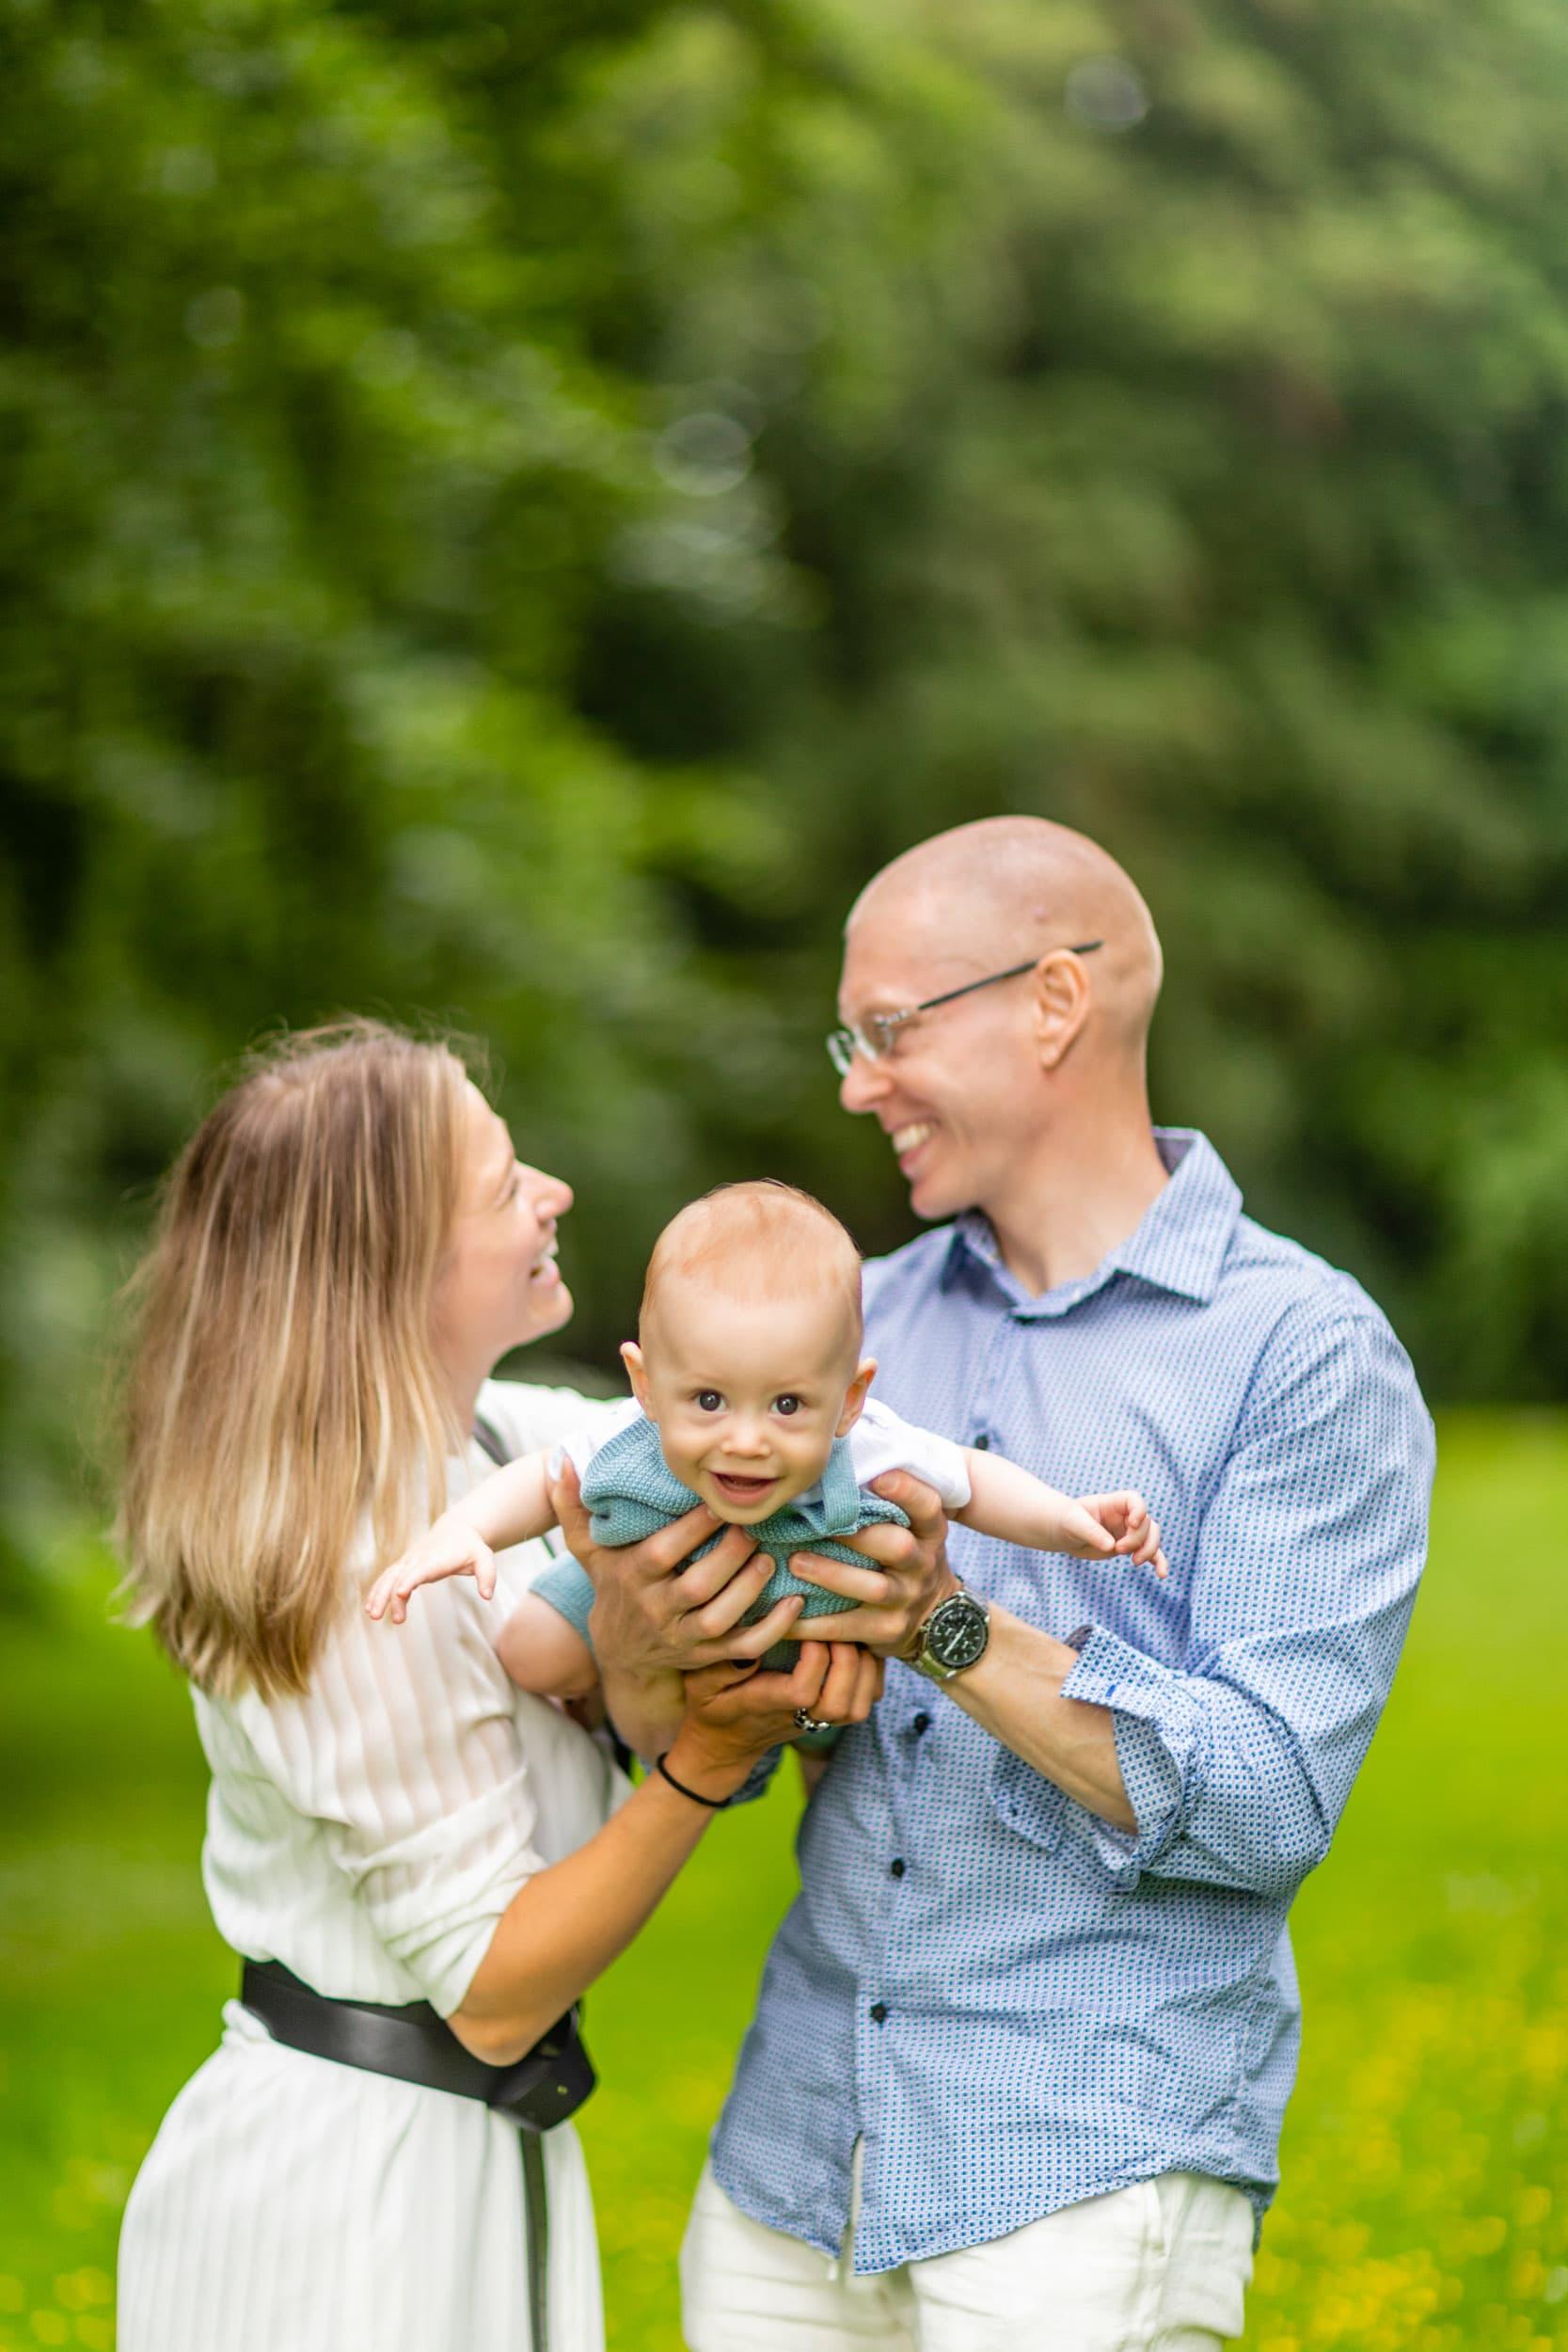 Familie fotograf ved Sophienholm - del 2